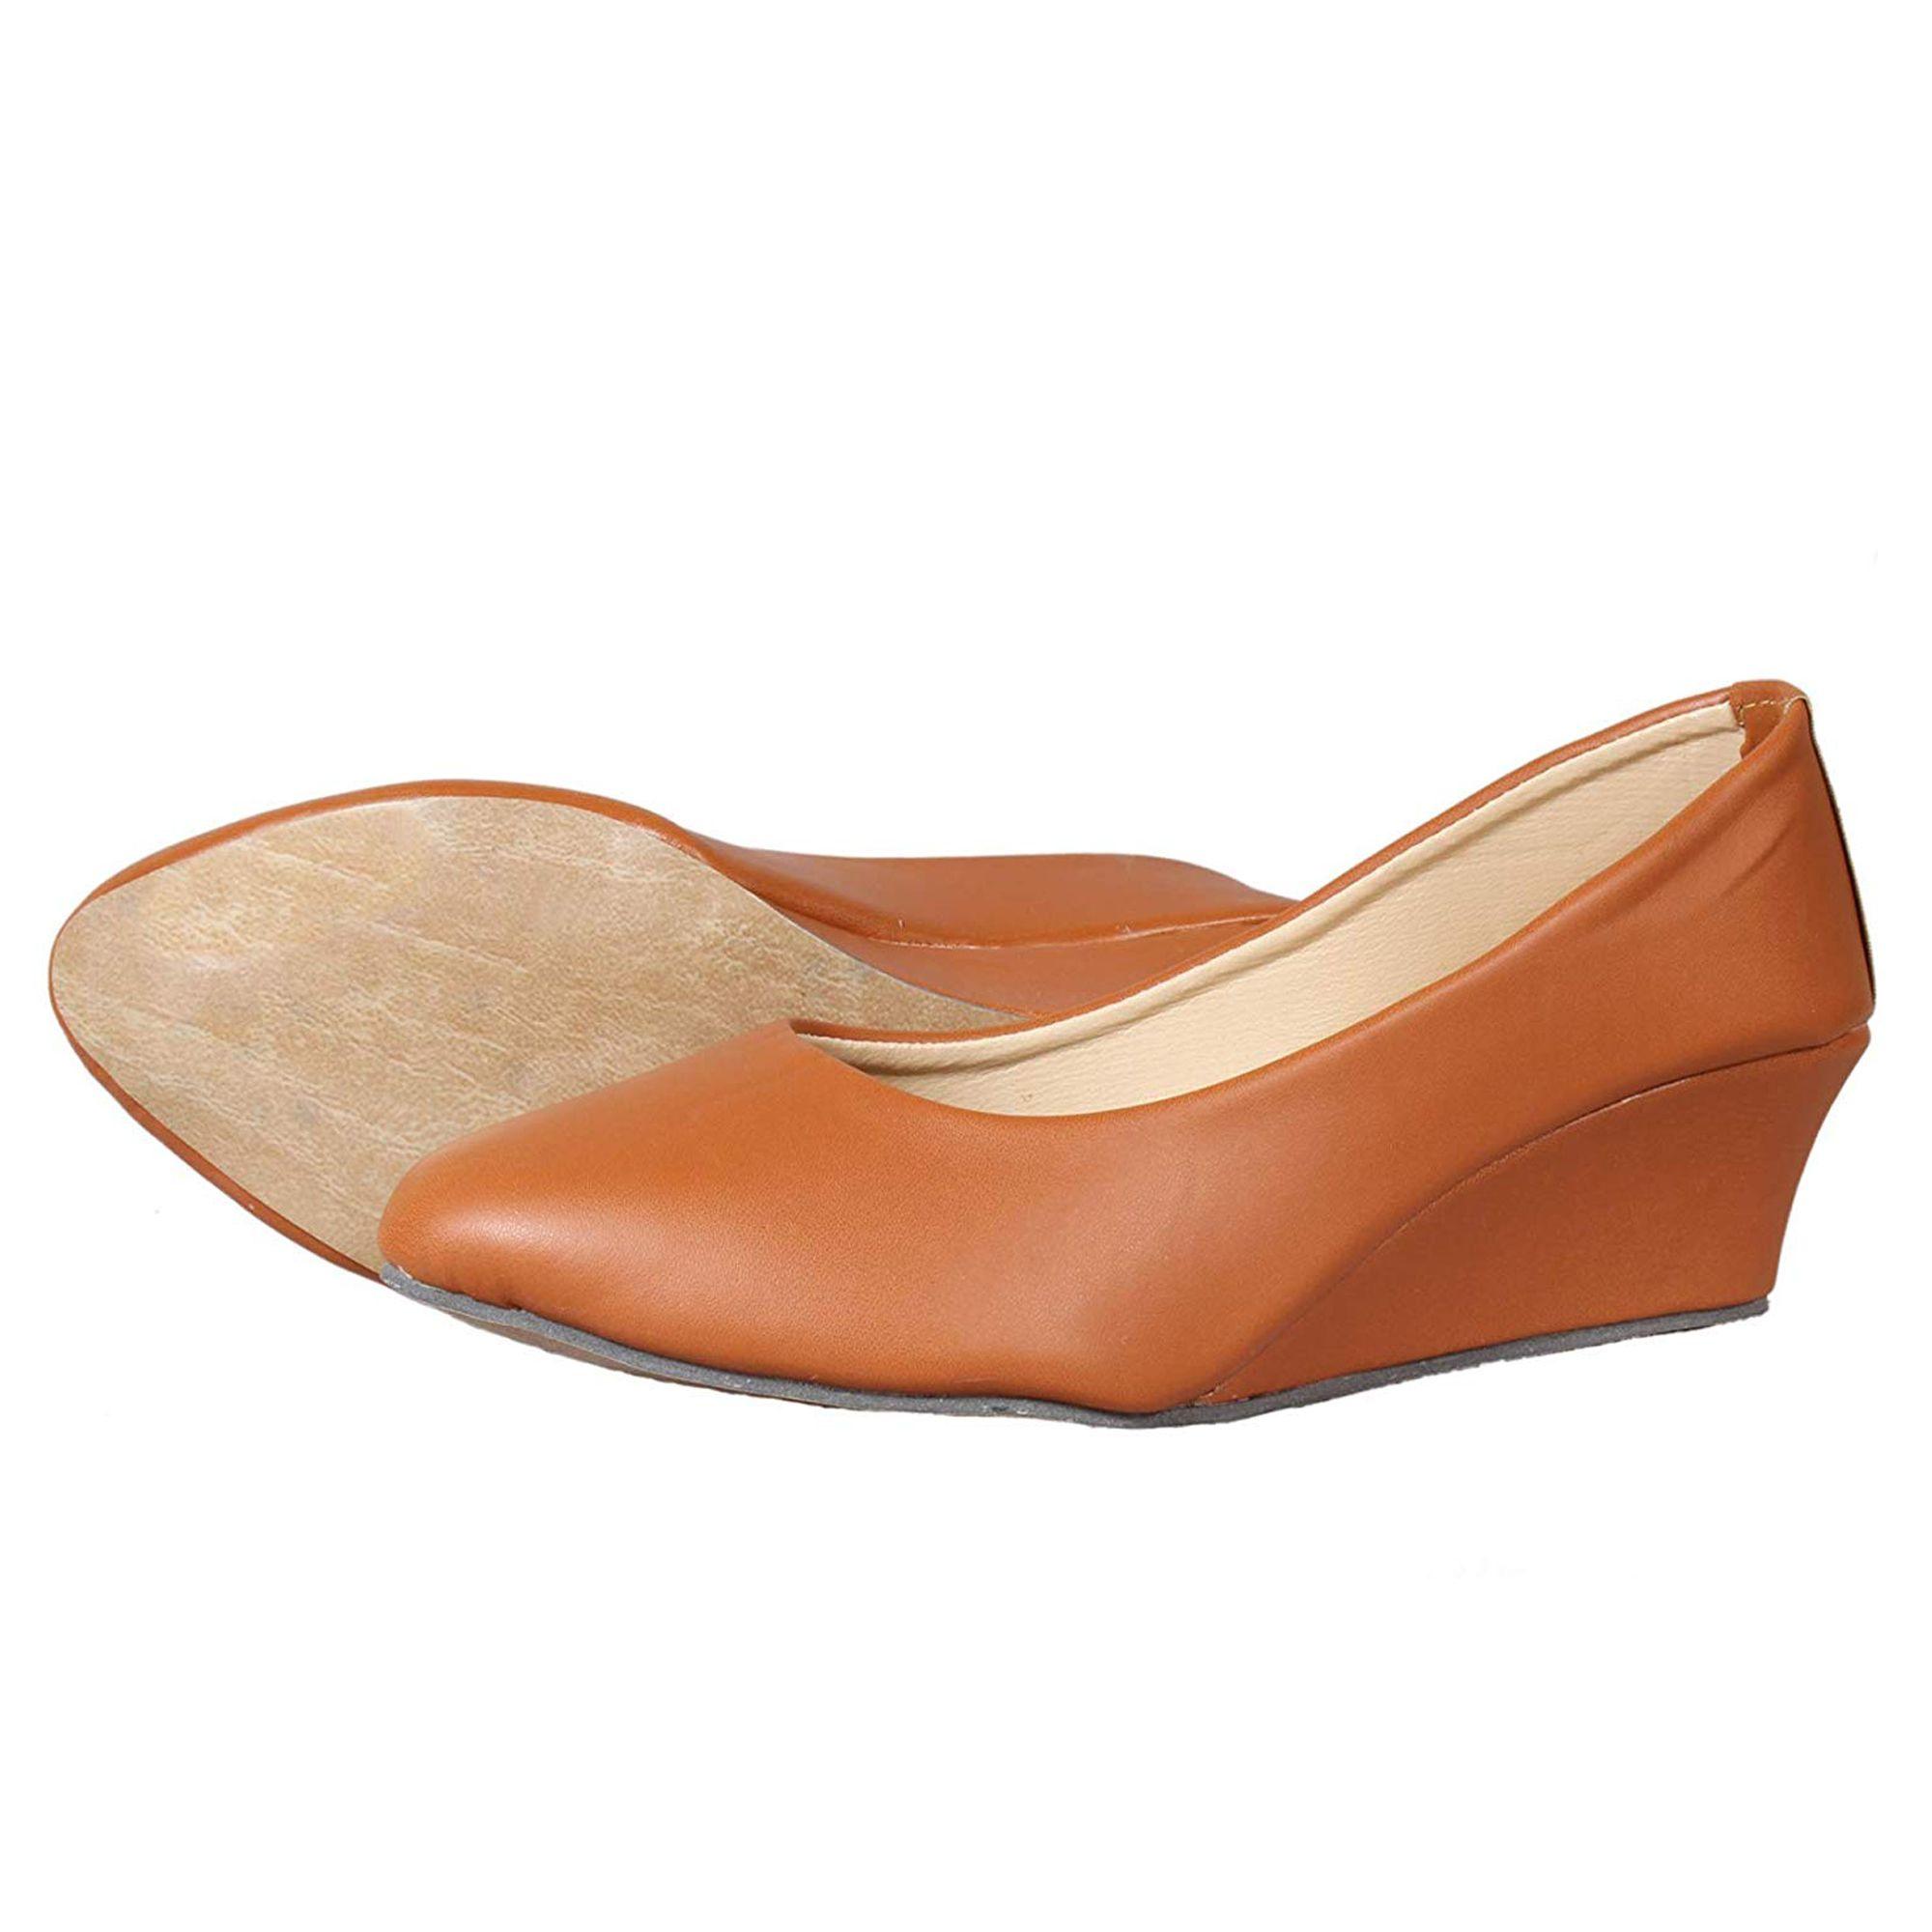 Thari Choice Tan Wedges Heels